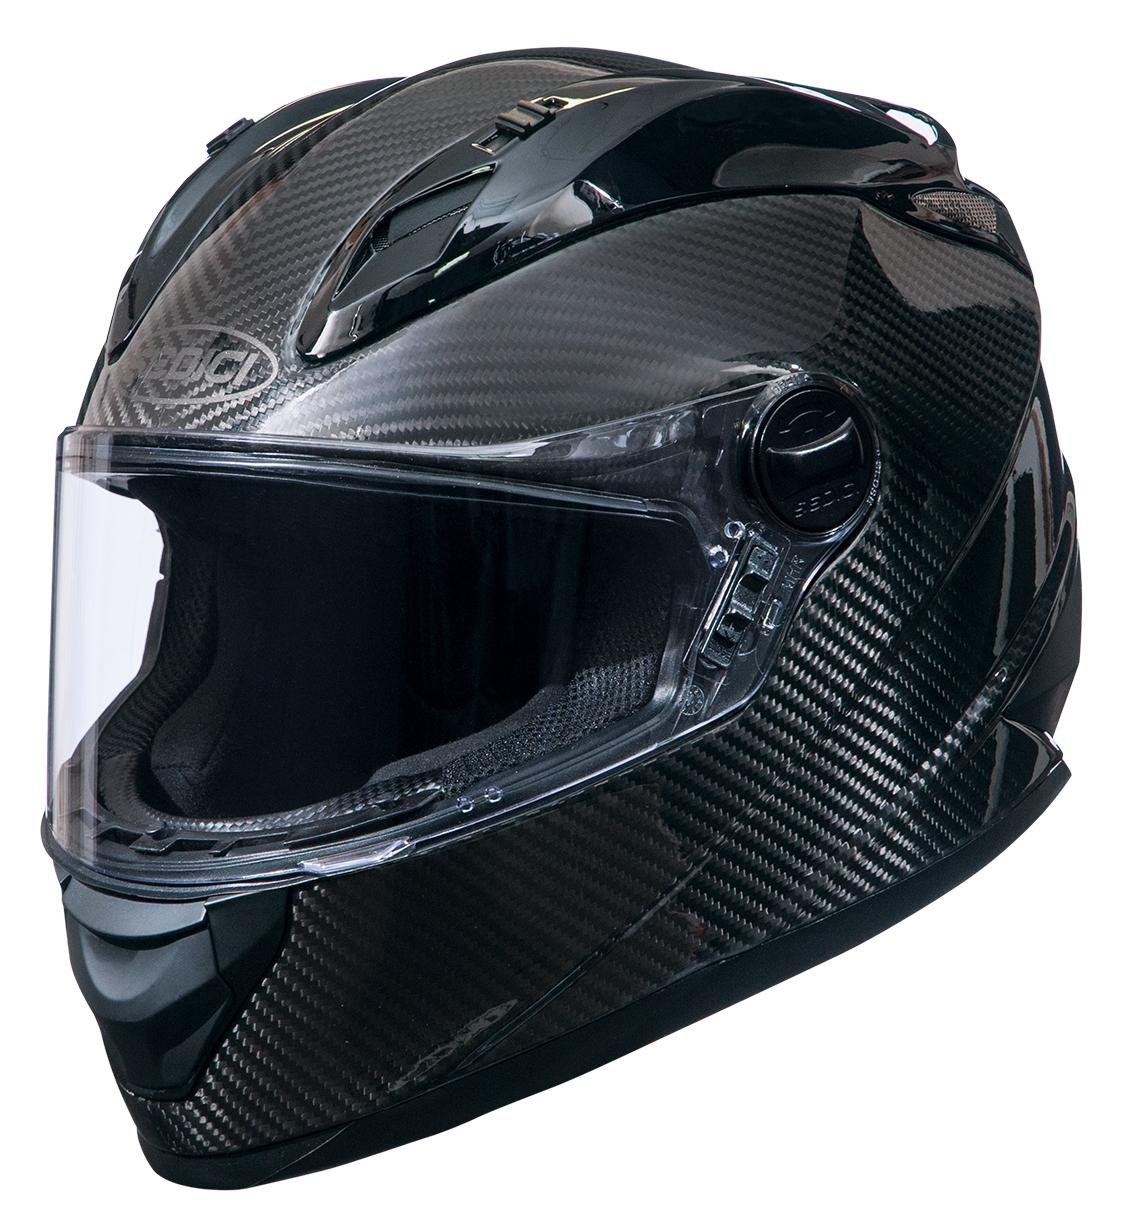 Carbon Fiber Motorcycle Helmet >> Sedici Strada Carbon Primo Helmet Cycle Gear